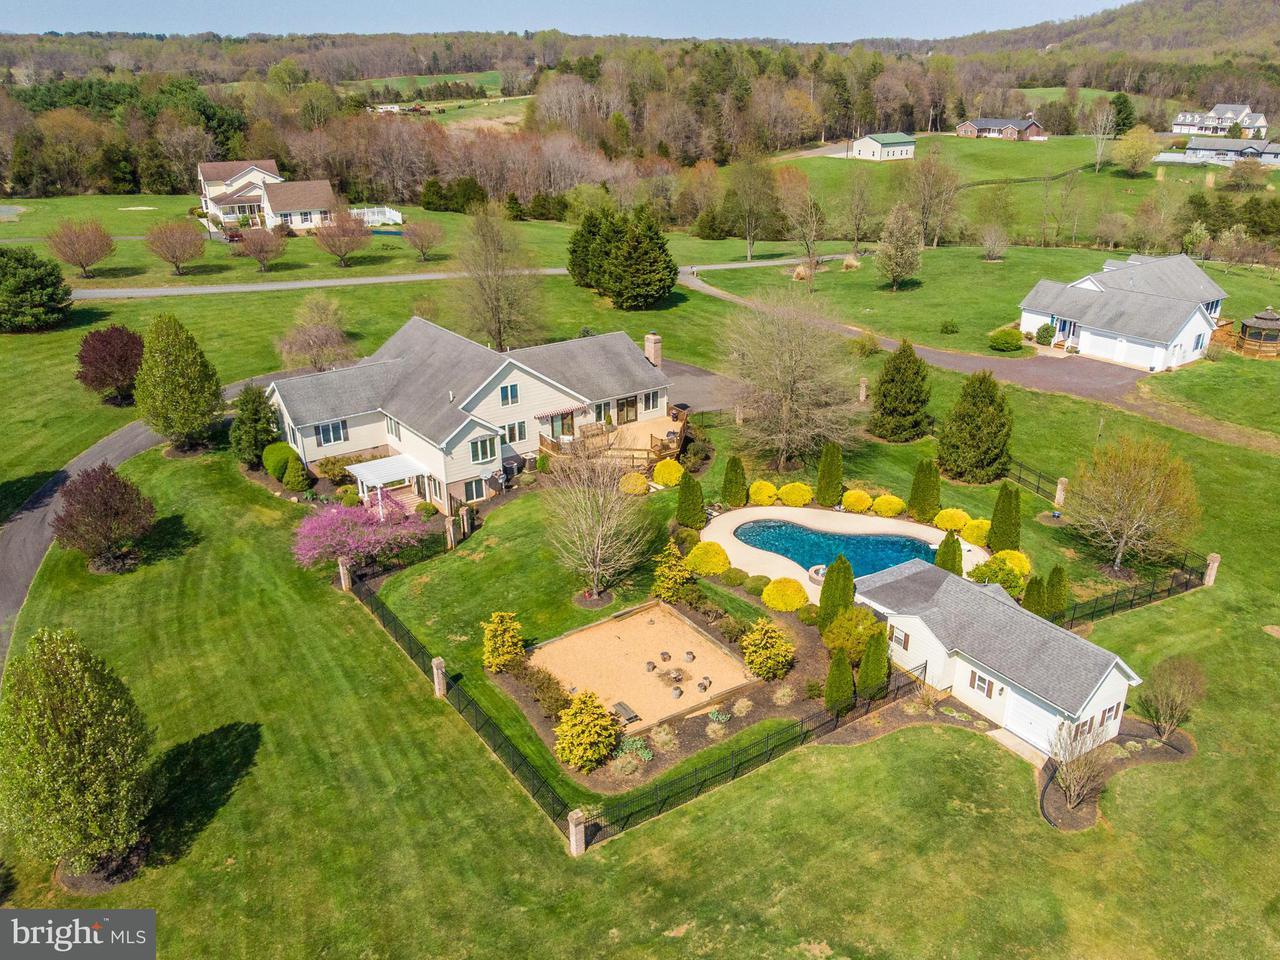 단독 가정 주택 용 매매 에 64 ROLLING GREEN Lane 64 ROLLING GREEN Lane Brightwood, 버지니아 22715 미국